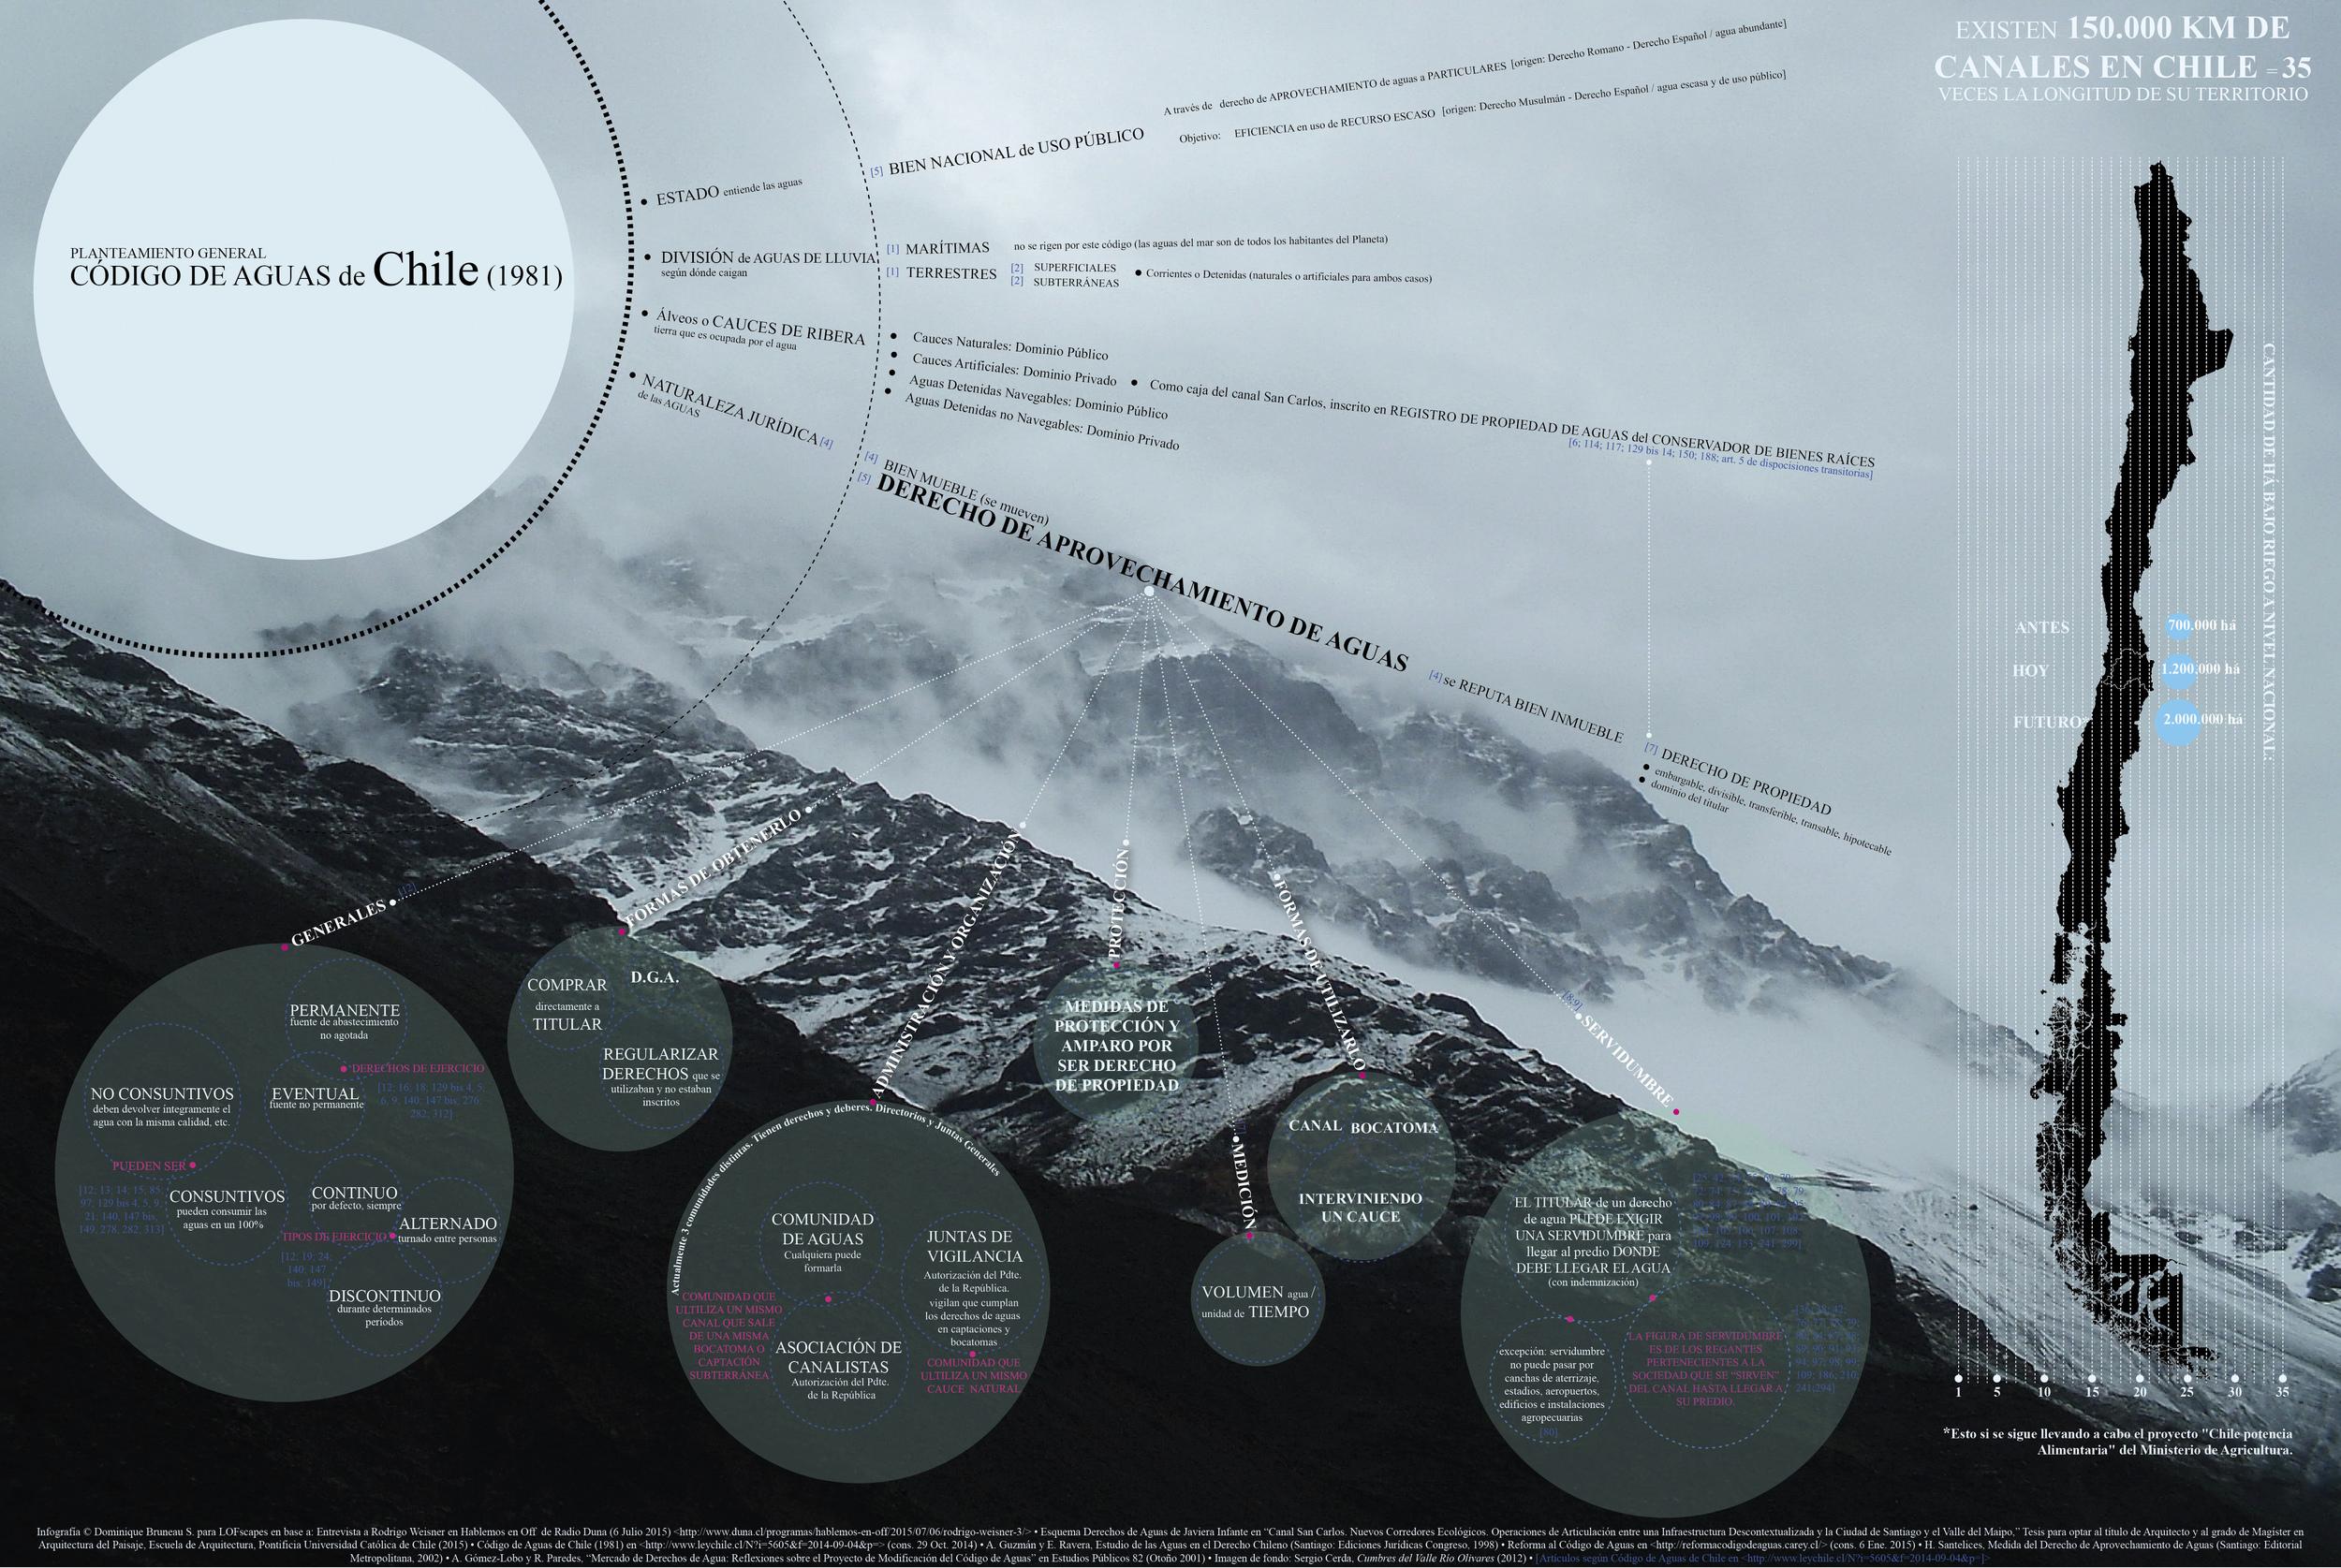 Infografía   © Dominique Bruneau S. para  LOFscapes